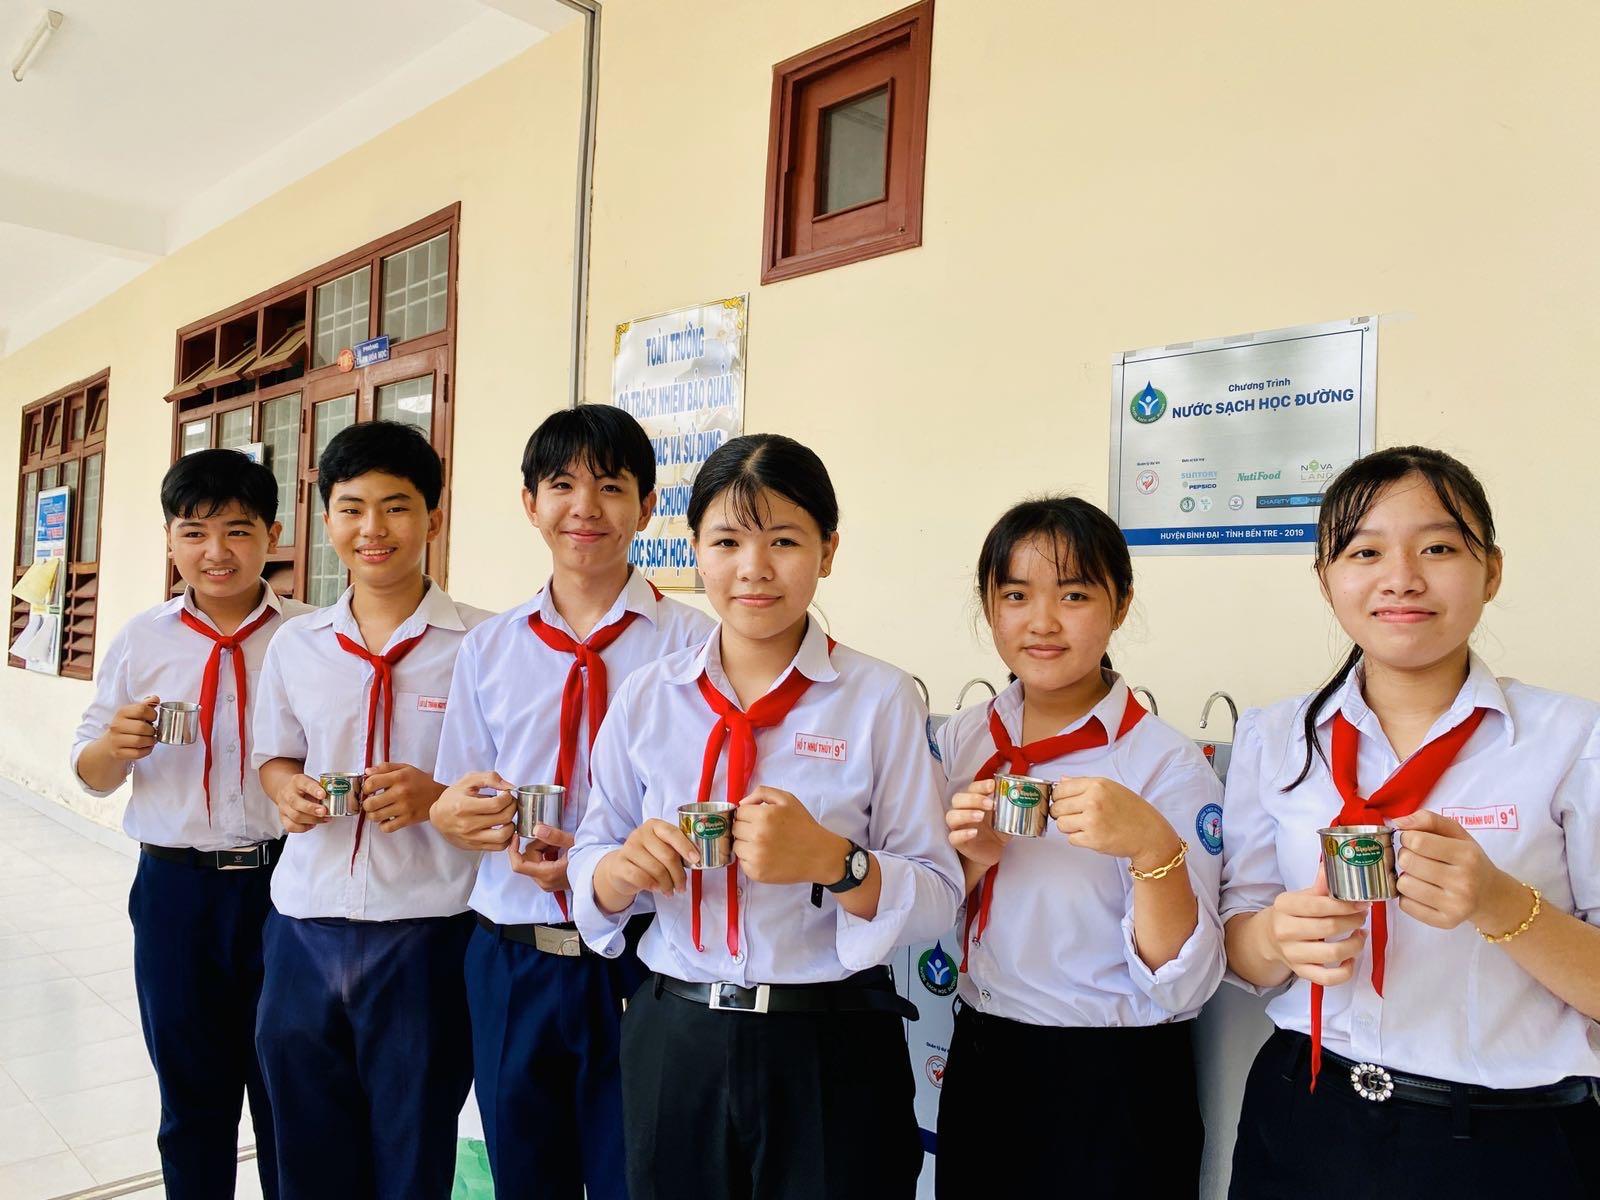 Các em học sinh vui mừng khi có được nguồn nước uống sạch đạt chuẩn. Nguồn ảnh: Novaland